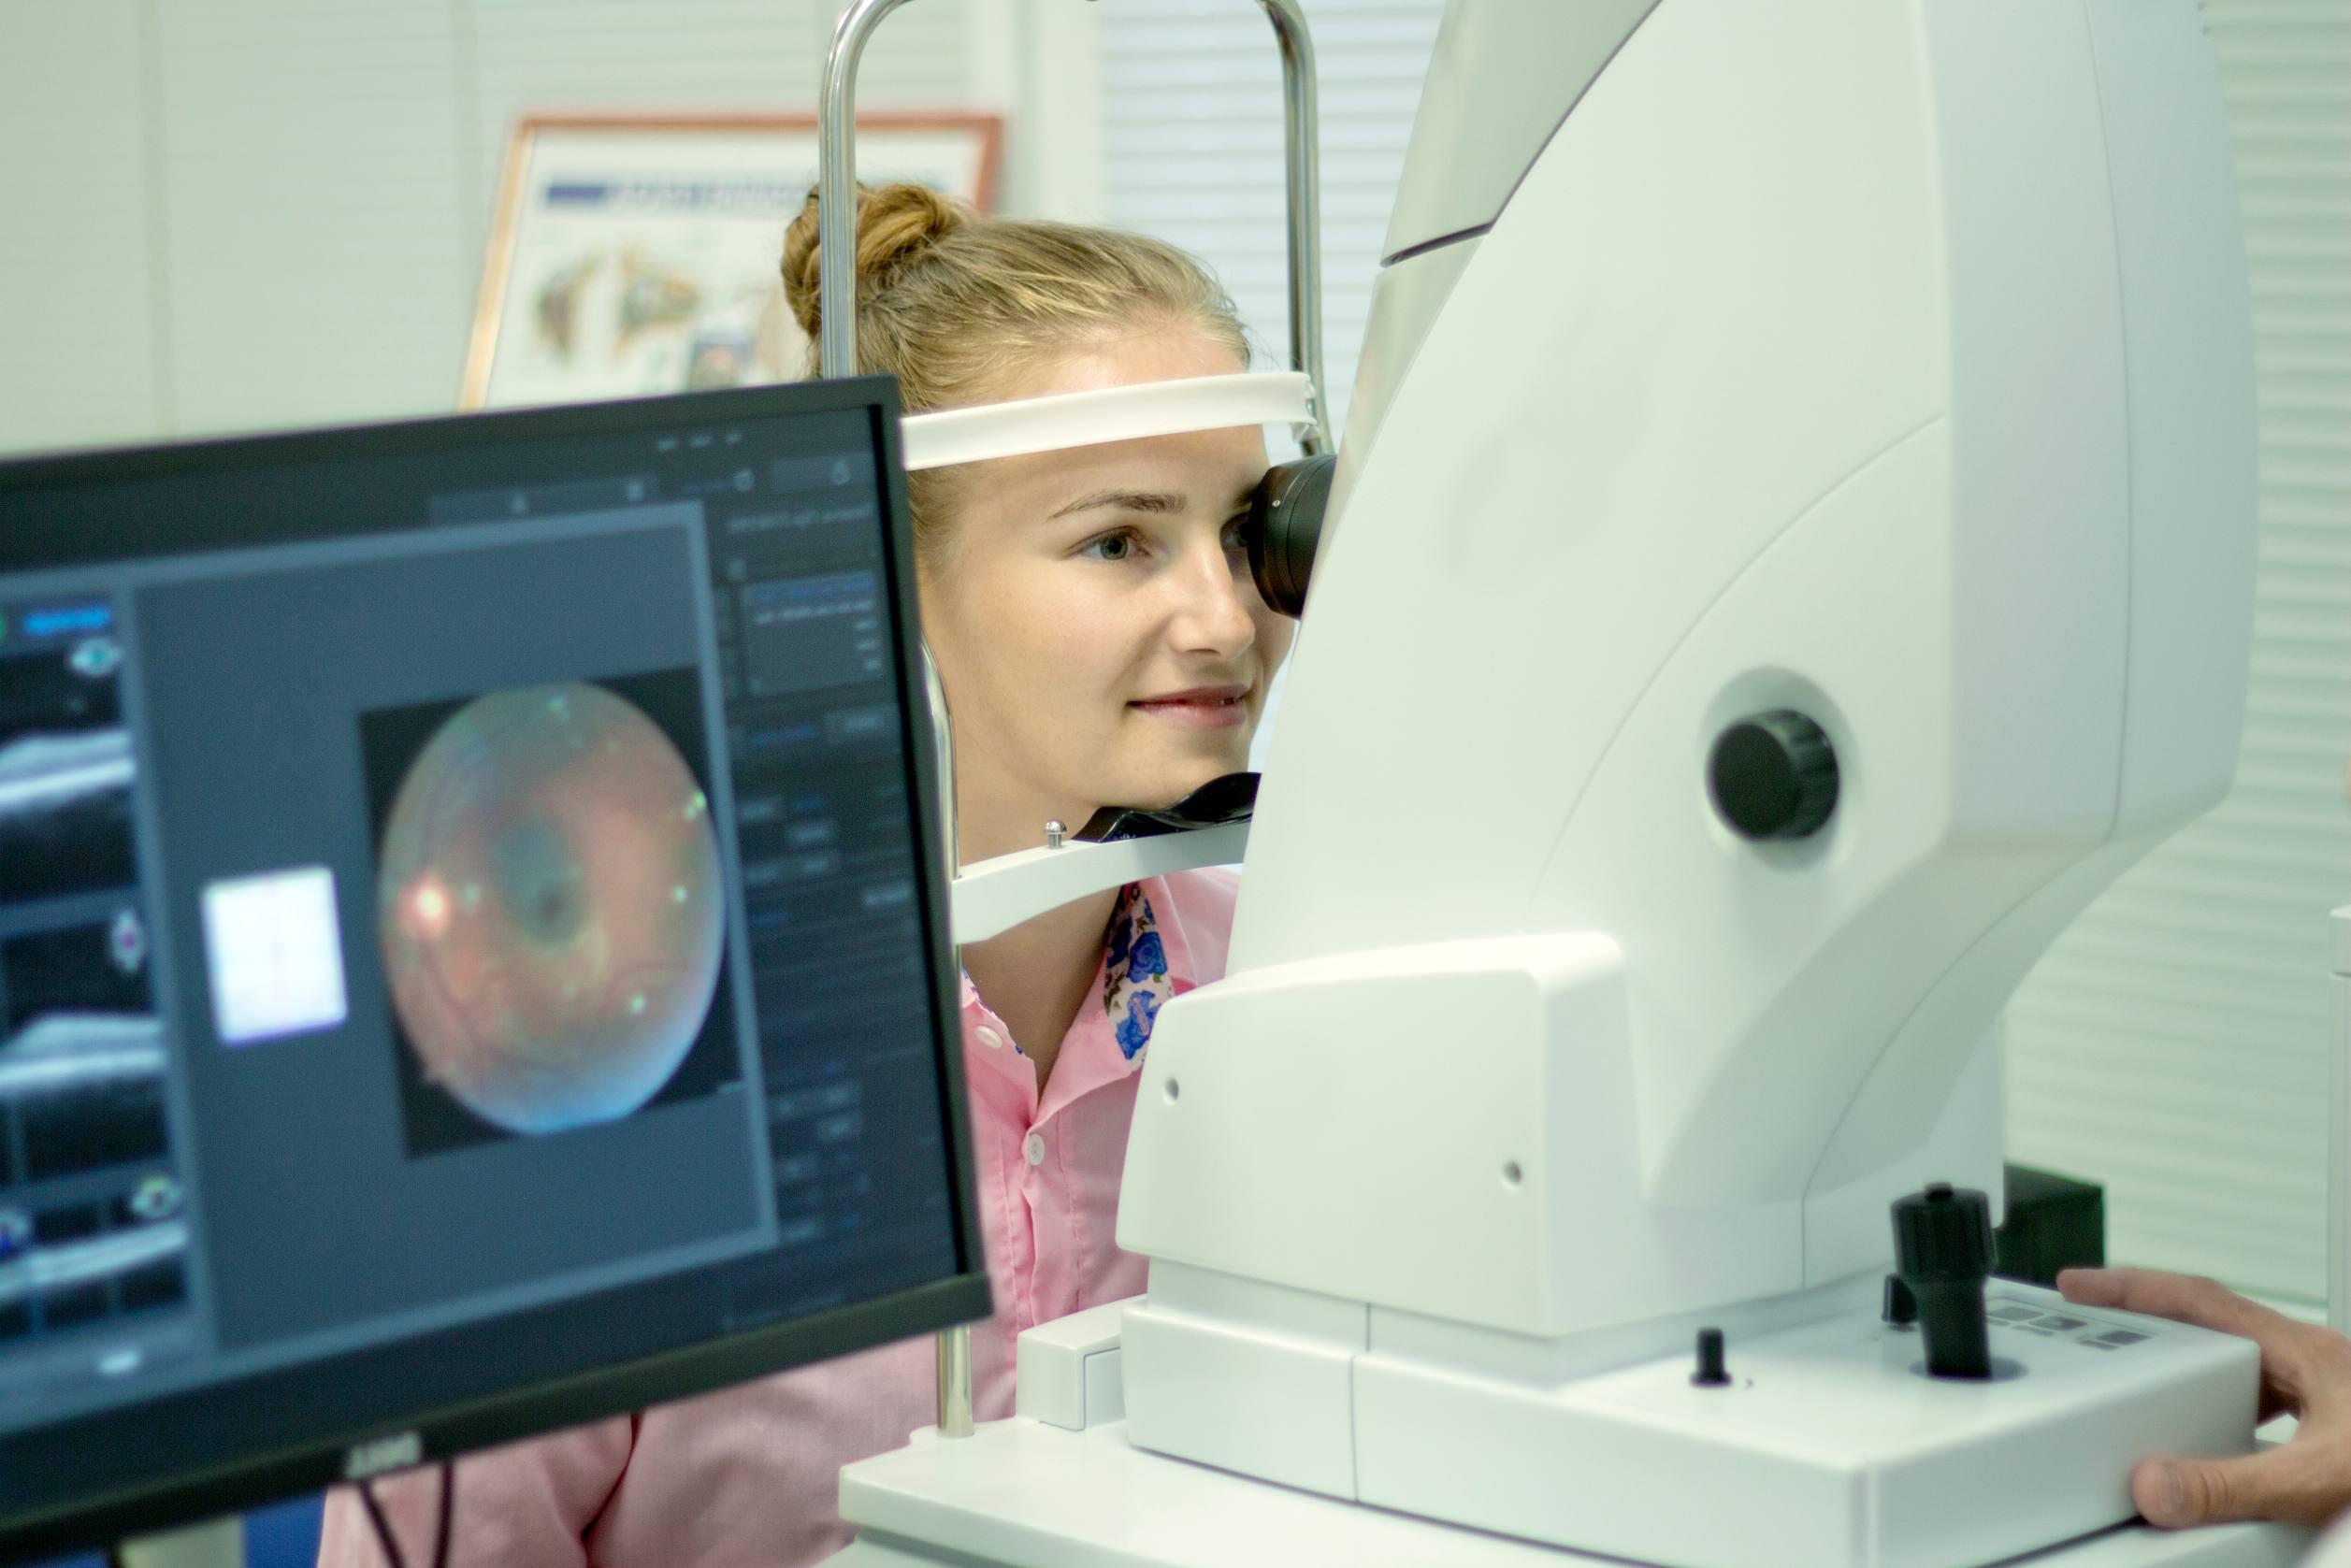 צילום פונדוס - בדיקת קרקעית העין